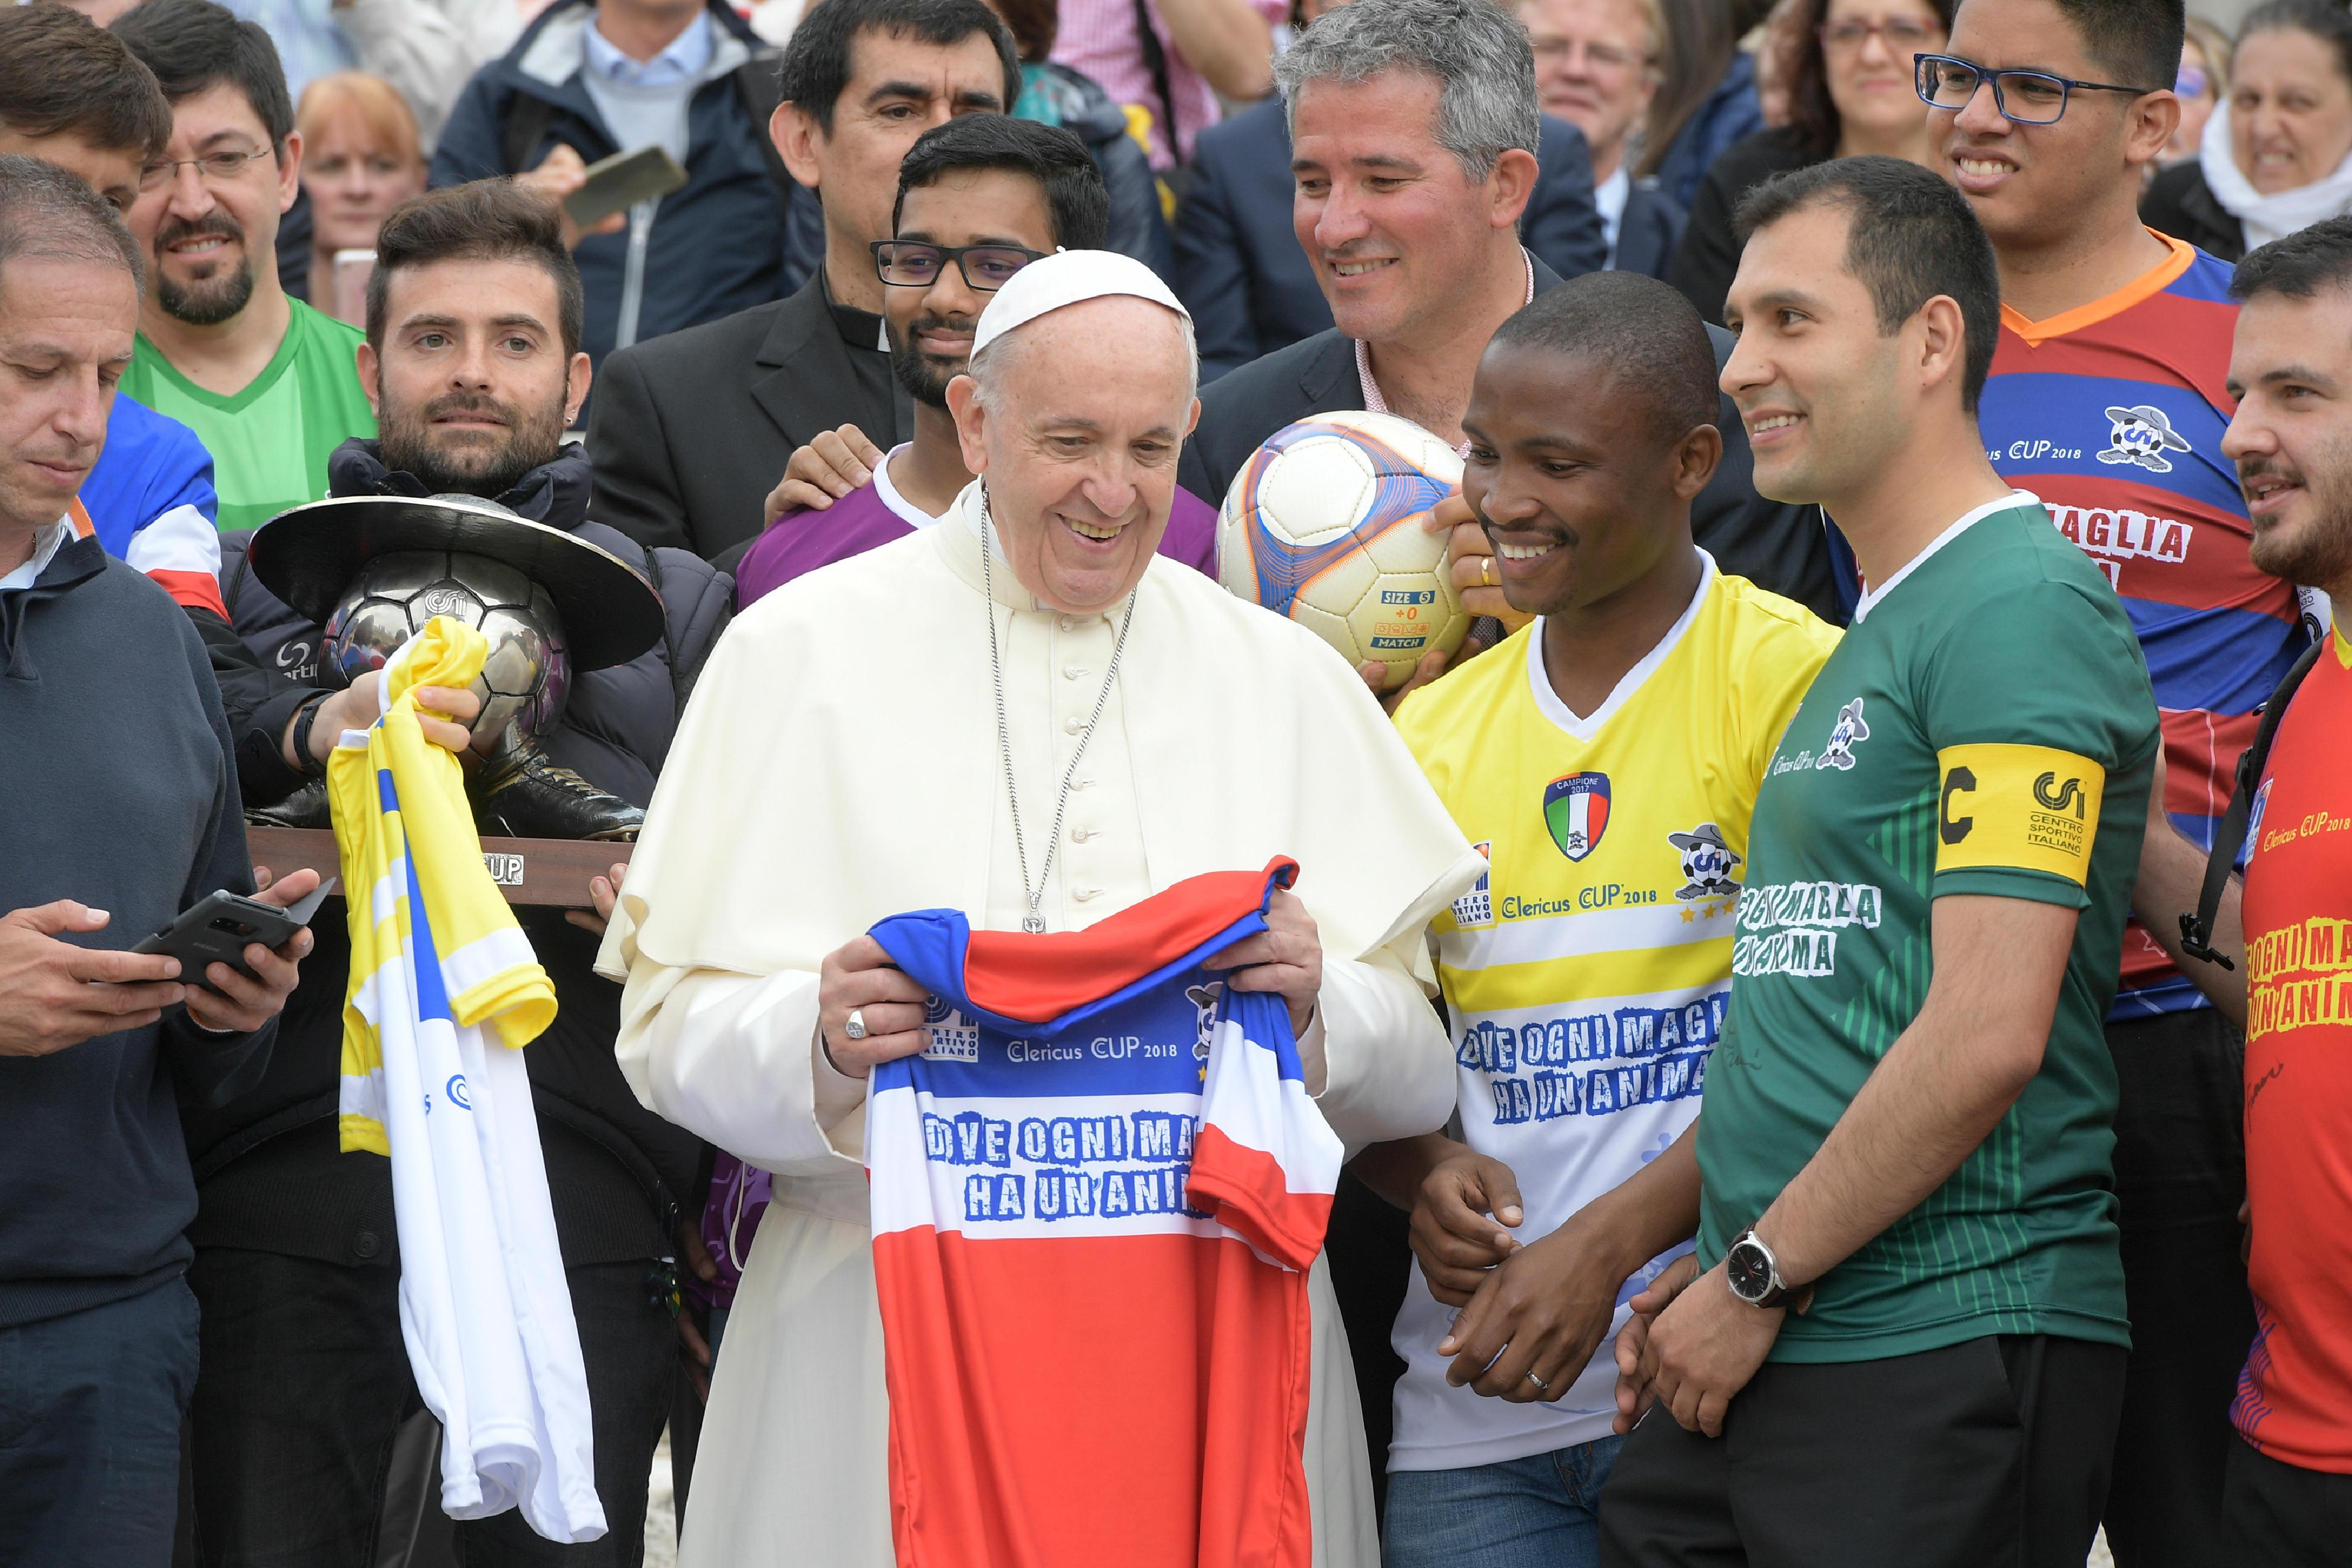 El Papa con algunos jugadores de la Clericus CUP © Vatican Media